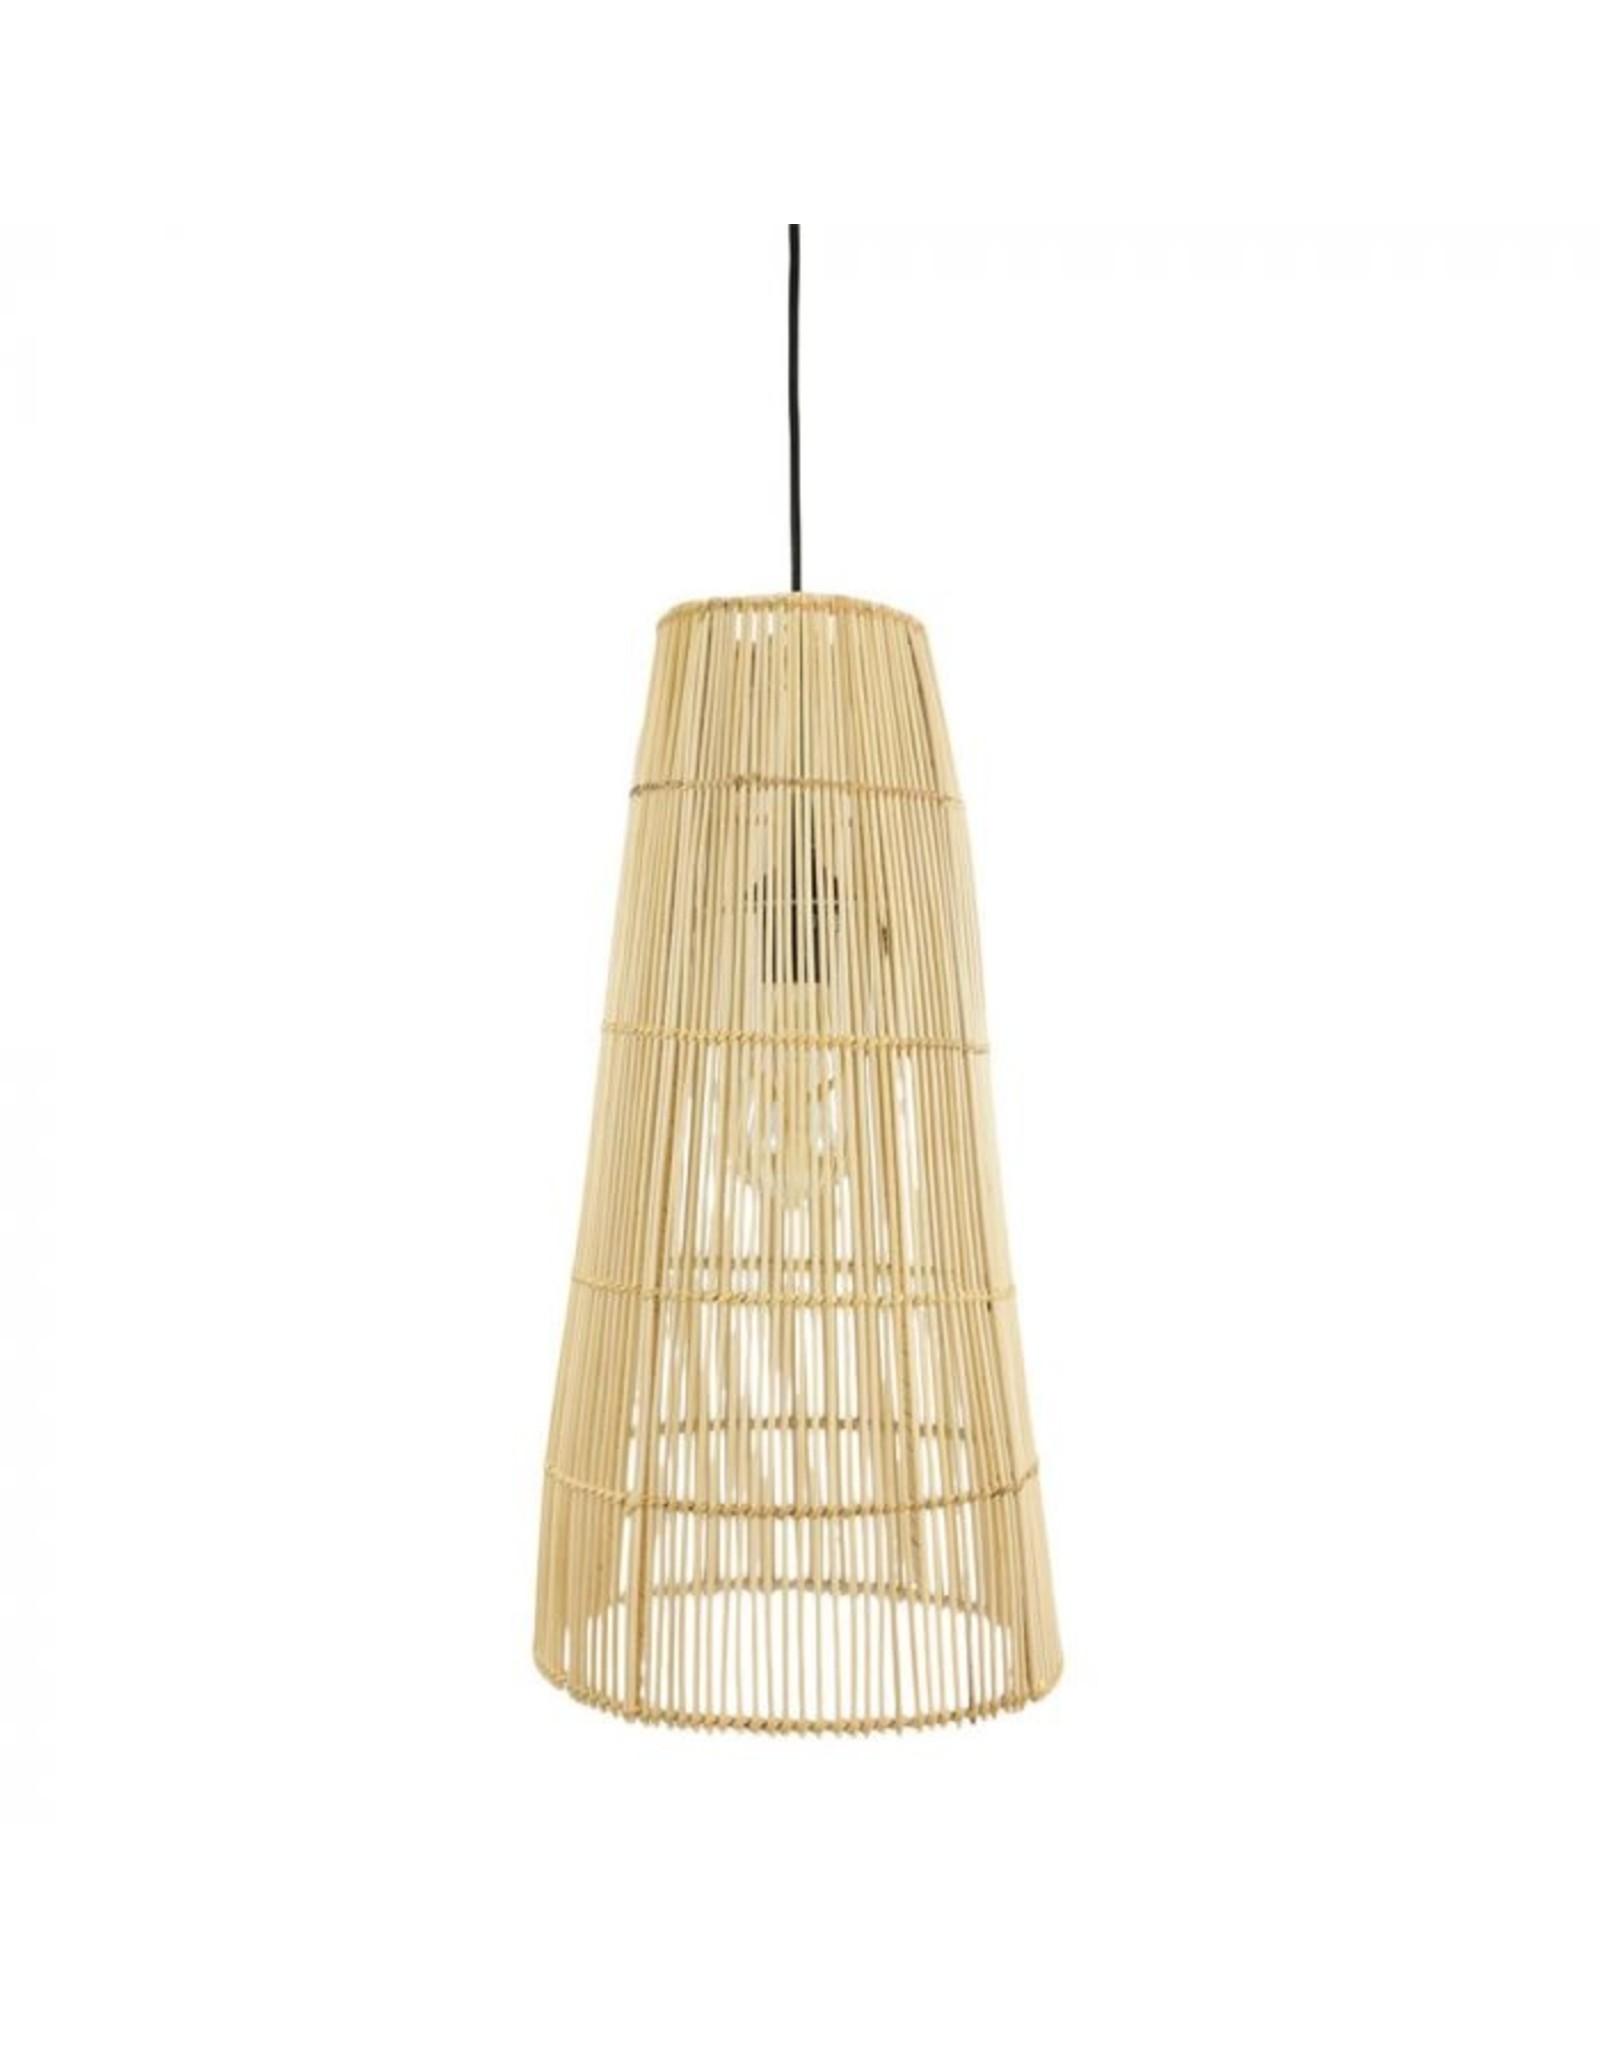 Rotan hanglamp lang